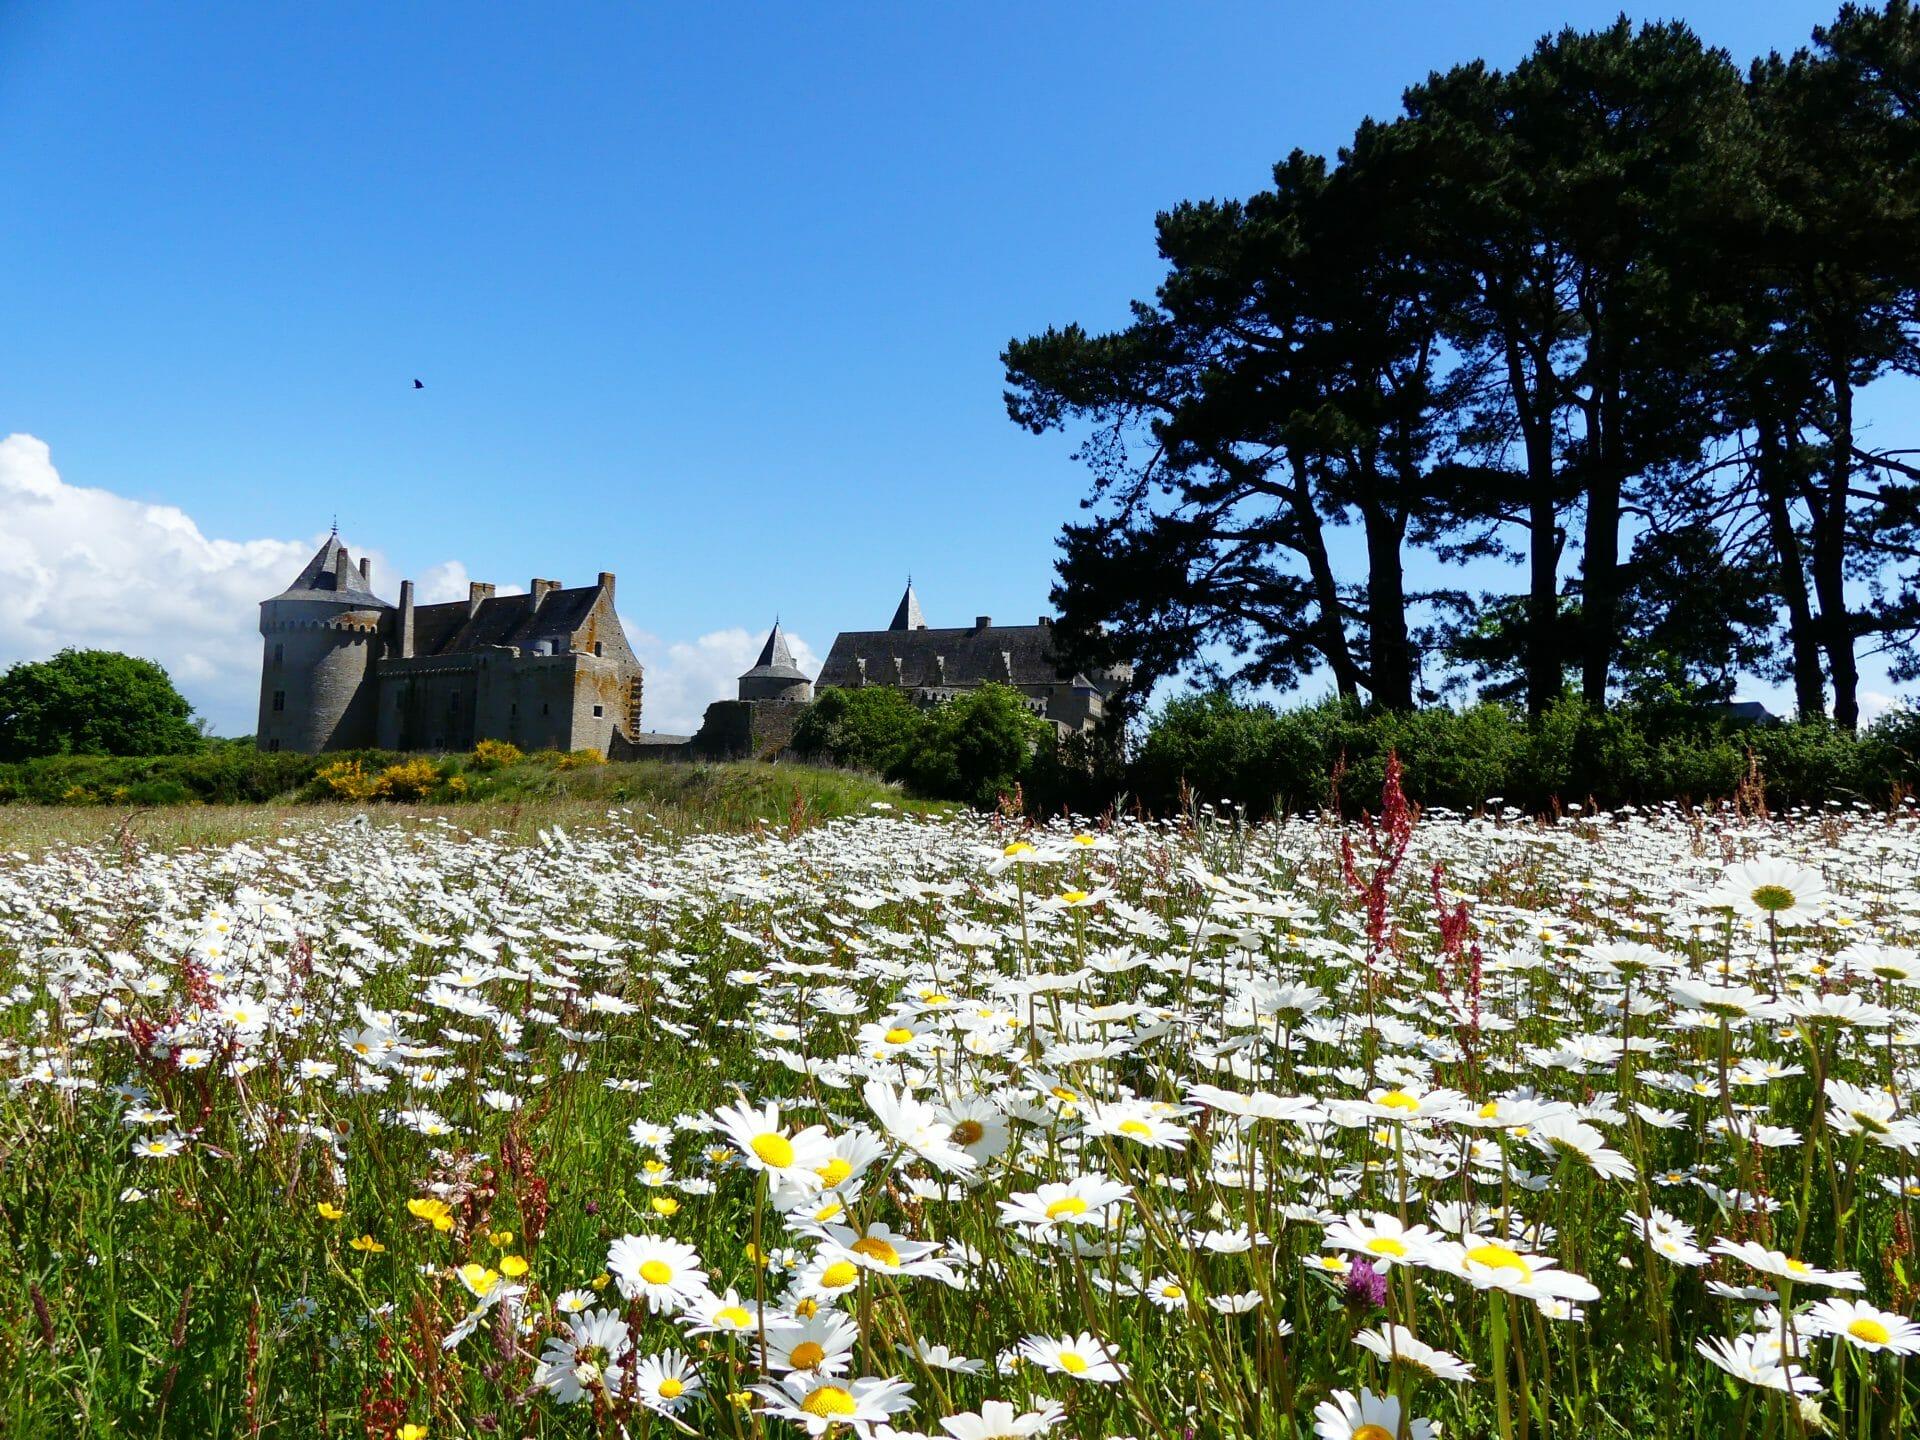 Château au milieu des fleurs